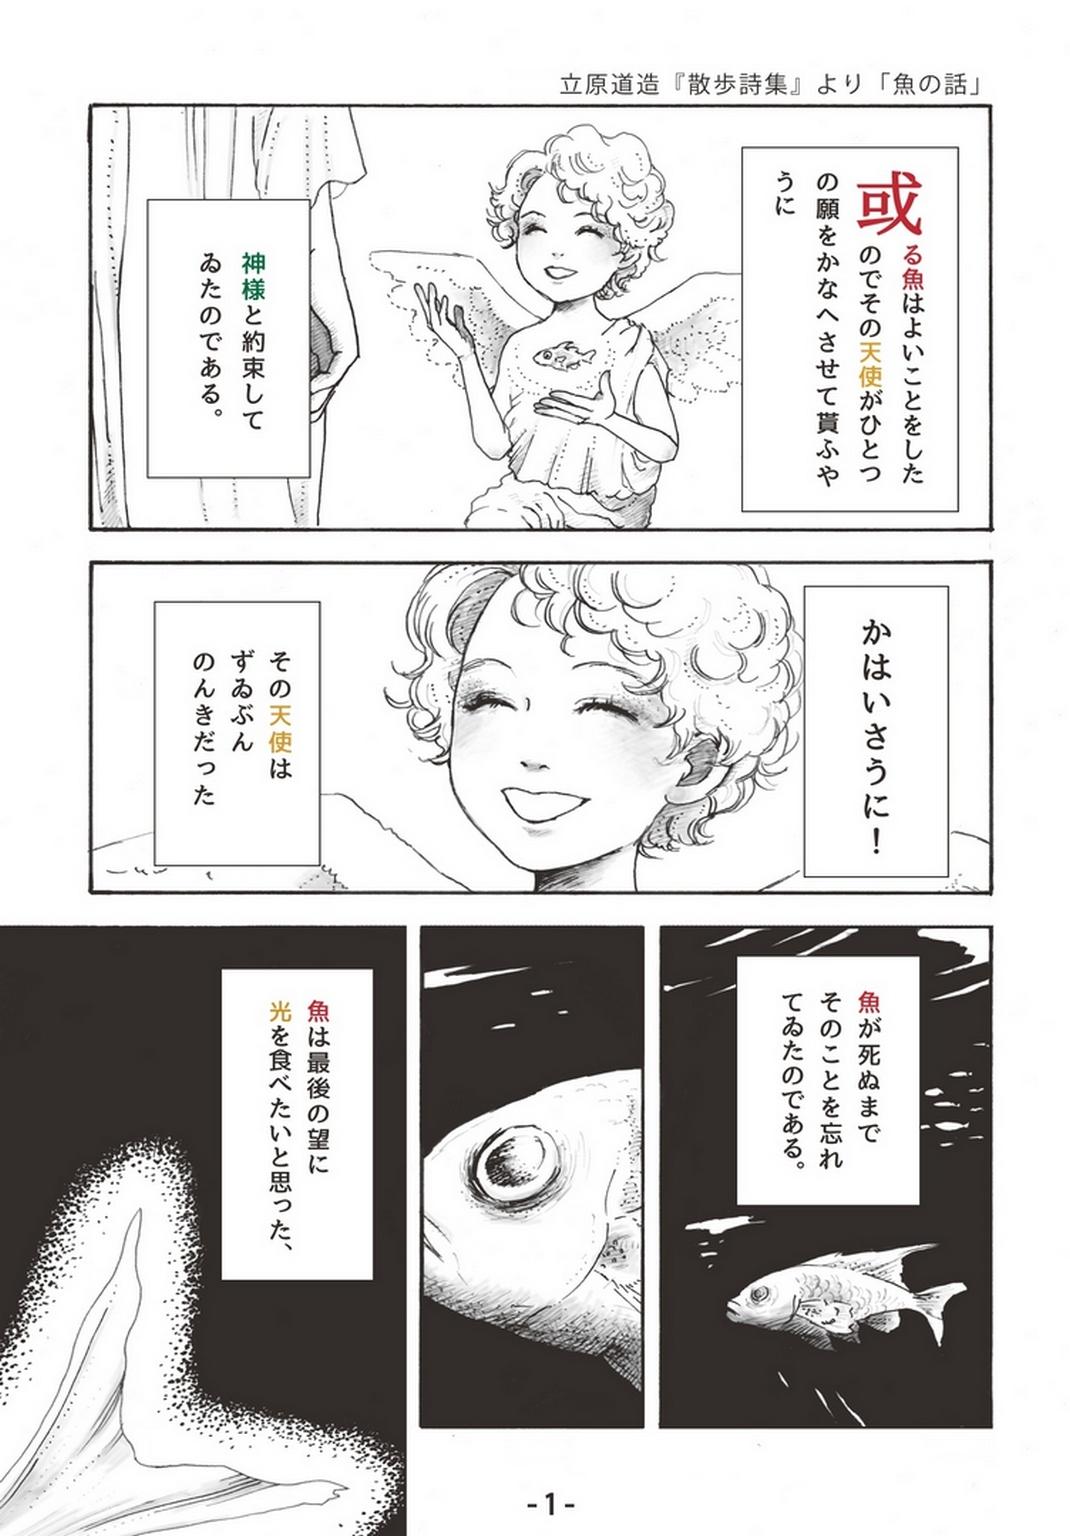 詩漫画 立原道造「魚の話」(『散歩詩集』より)_f0228652_21543270.jpeg